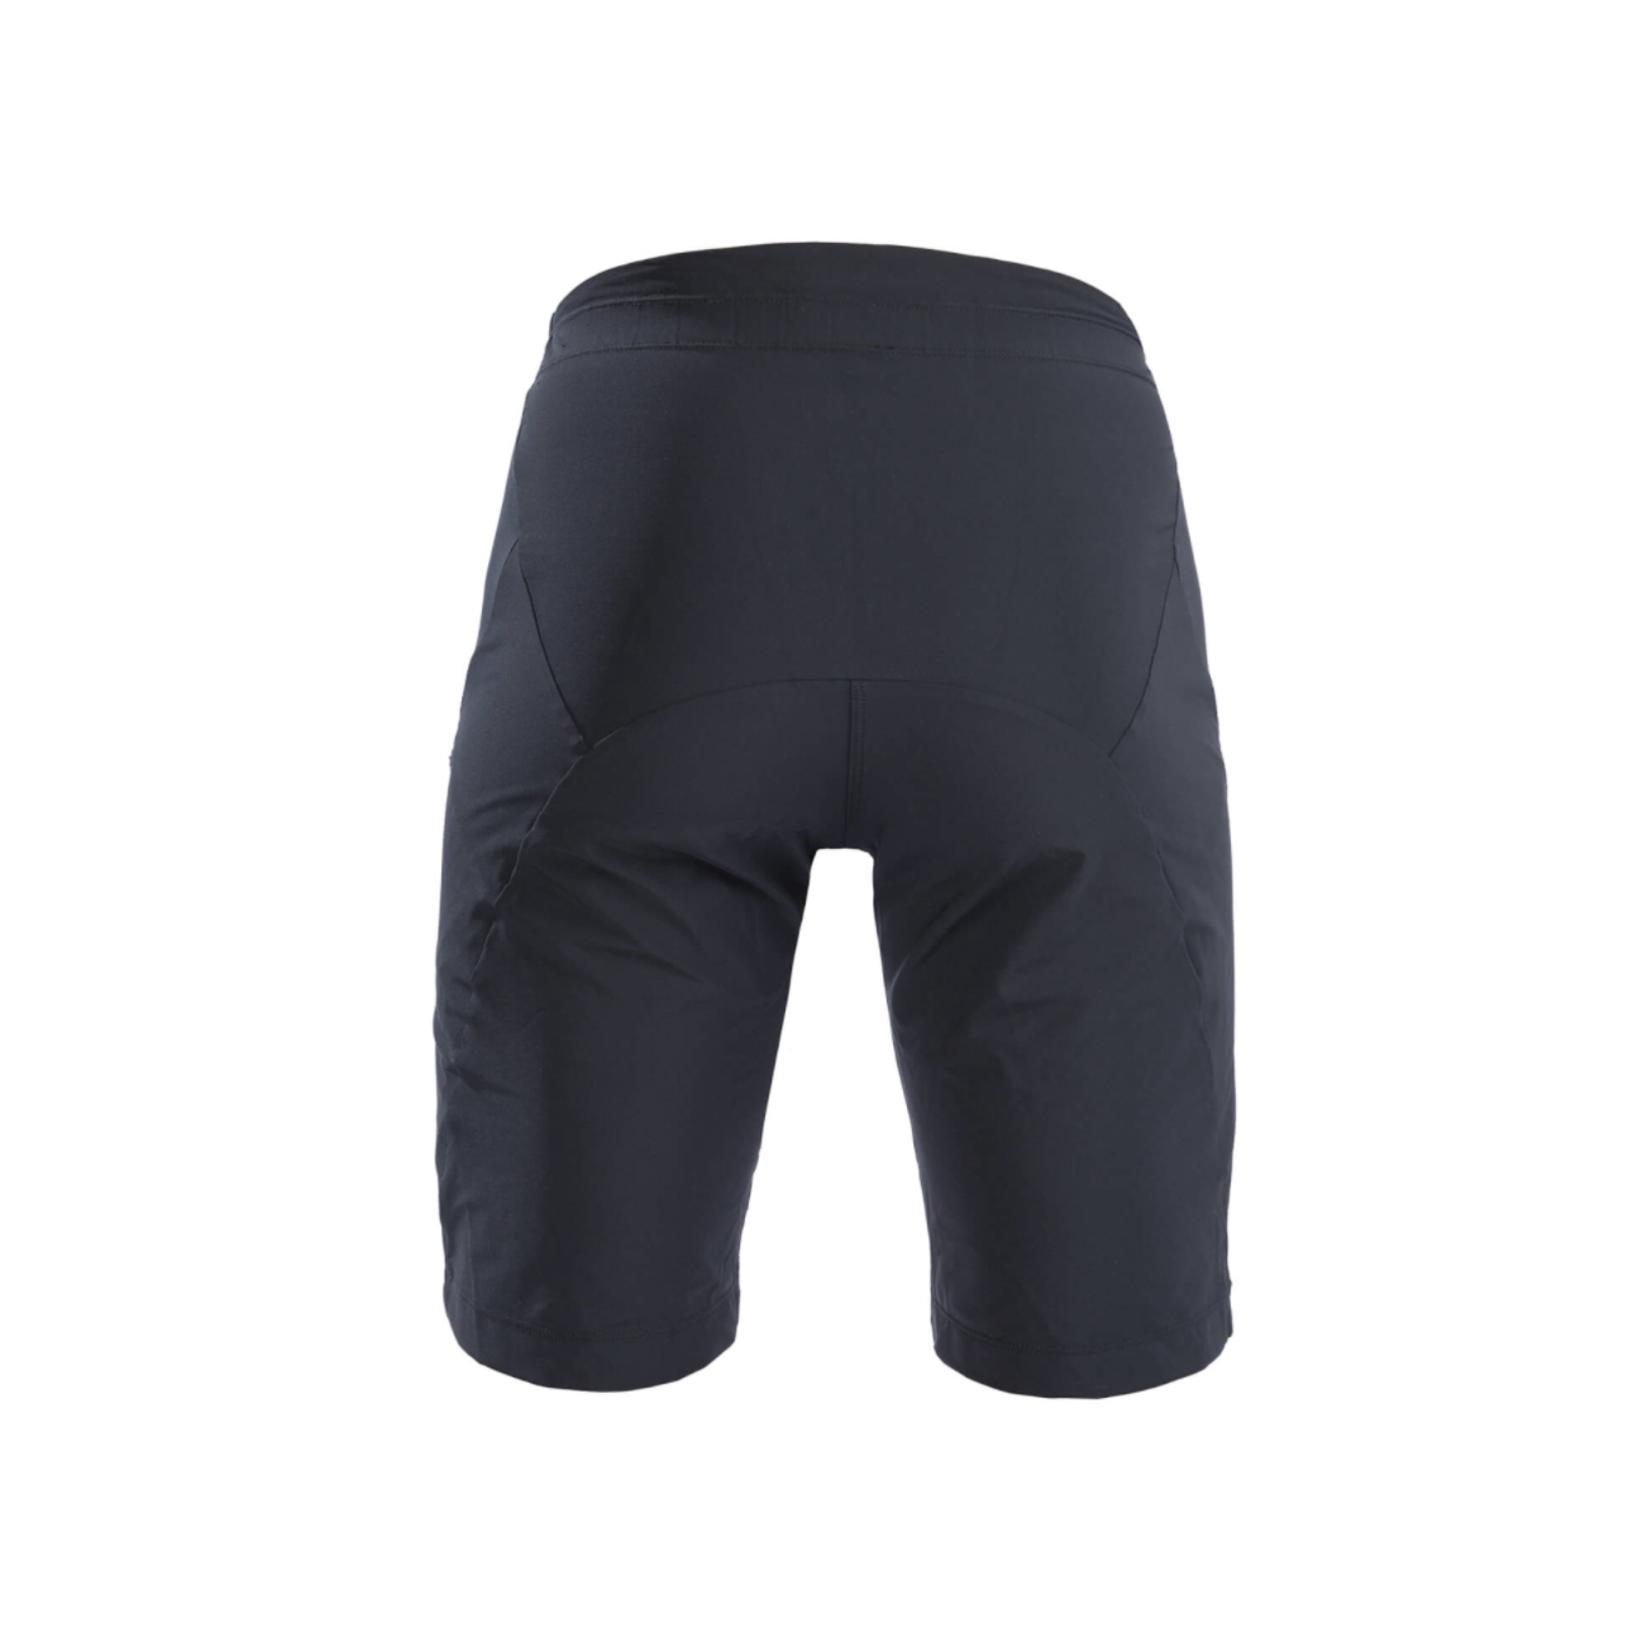 Q36.5 Q36.5 Adventure Baggy Short - Black